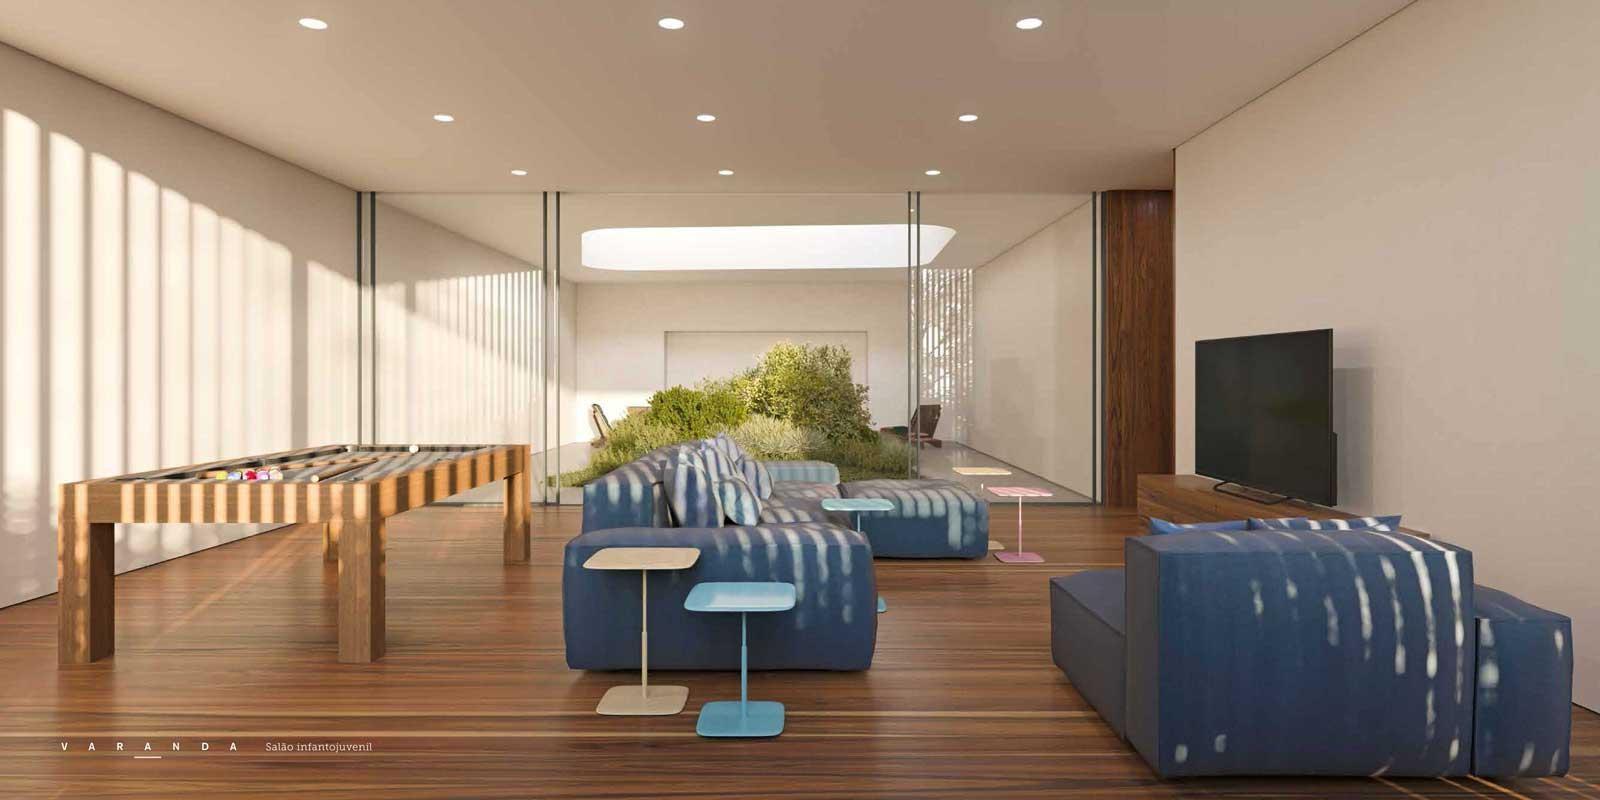 TPS Imóveis - Veja Foto 4 de 40 do Apartamento com 3 Suites no bairro Petrópolis, Porto Alegre